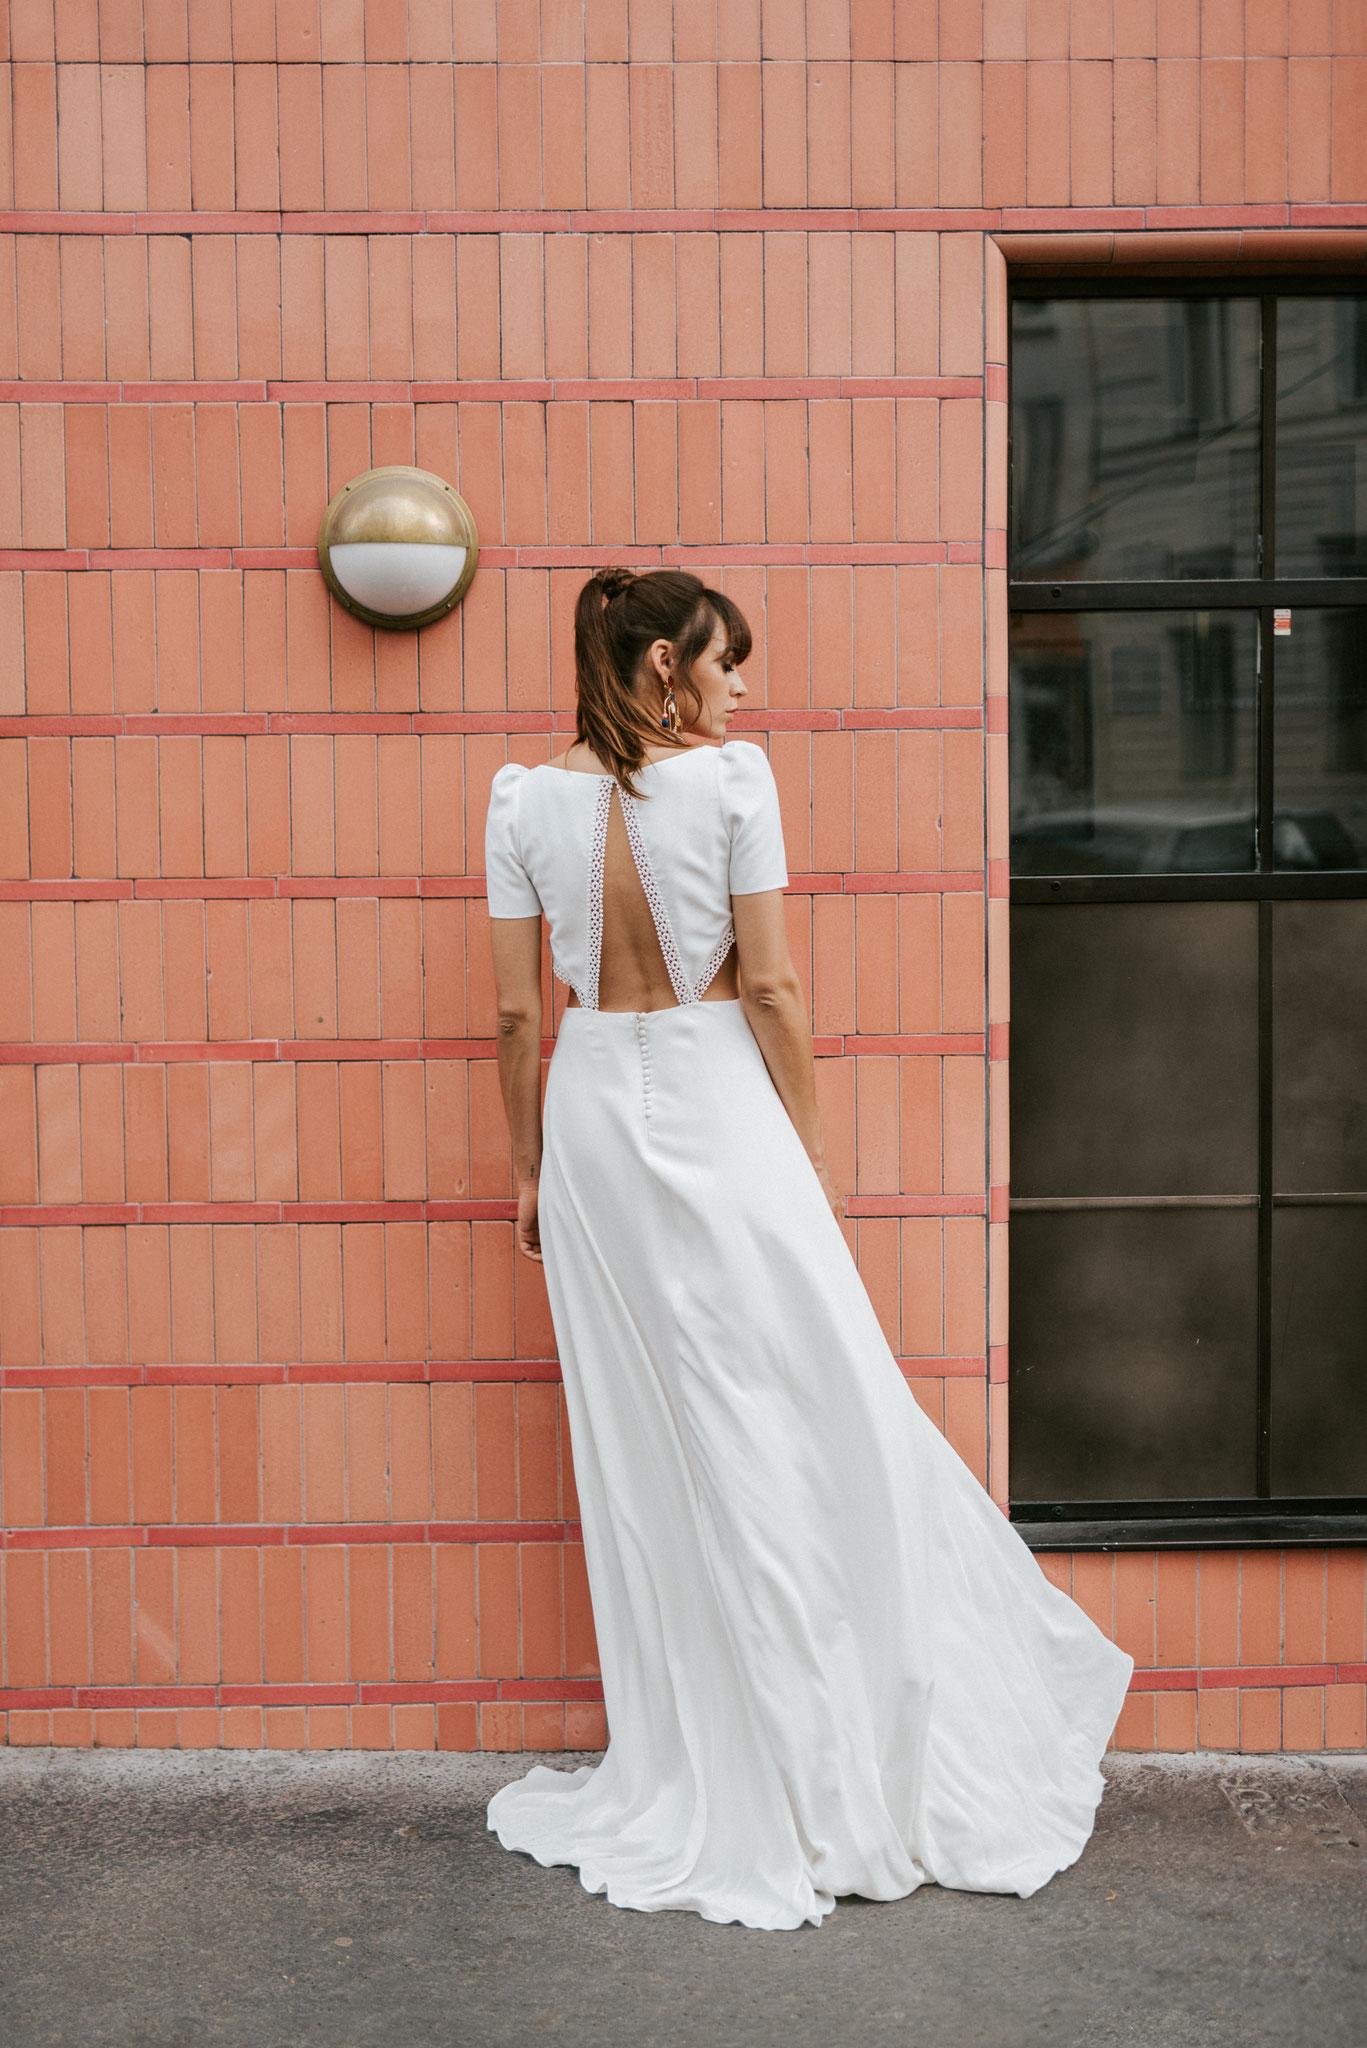 Mademoiselle De Guise - Modèle : Blanche - Crédit : @chloelapeyssonnie